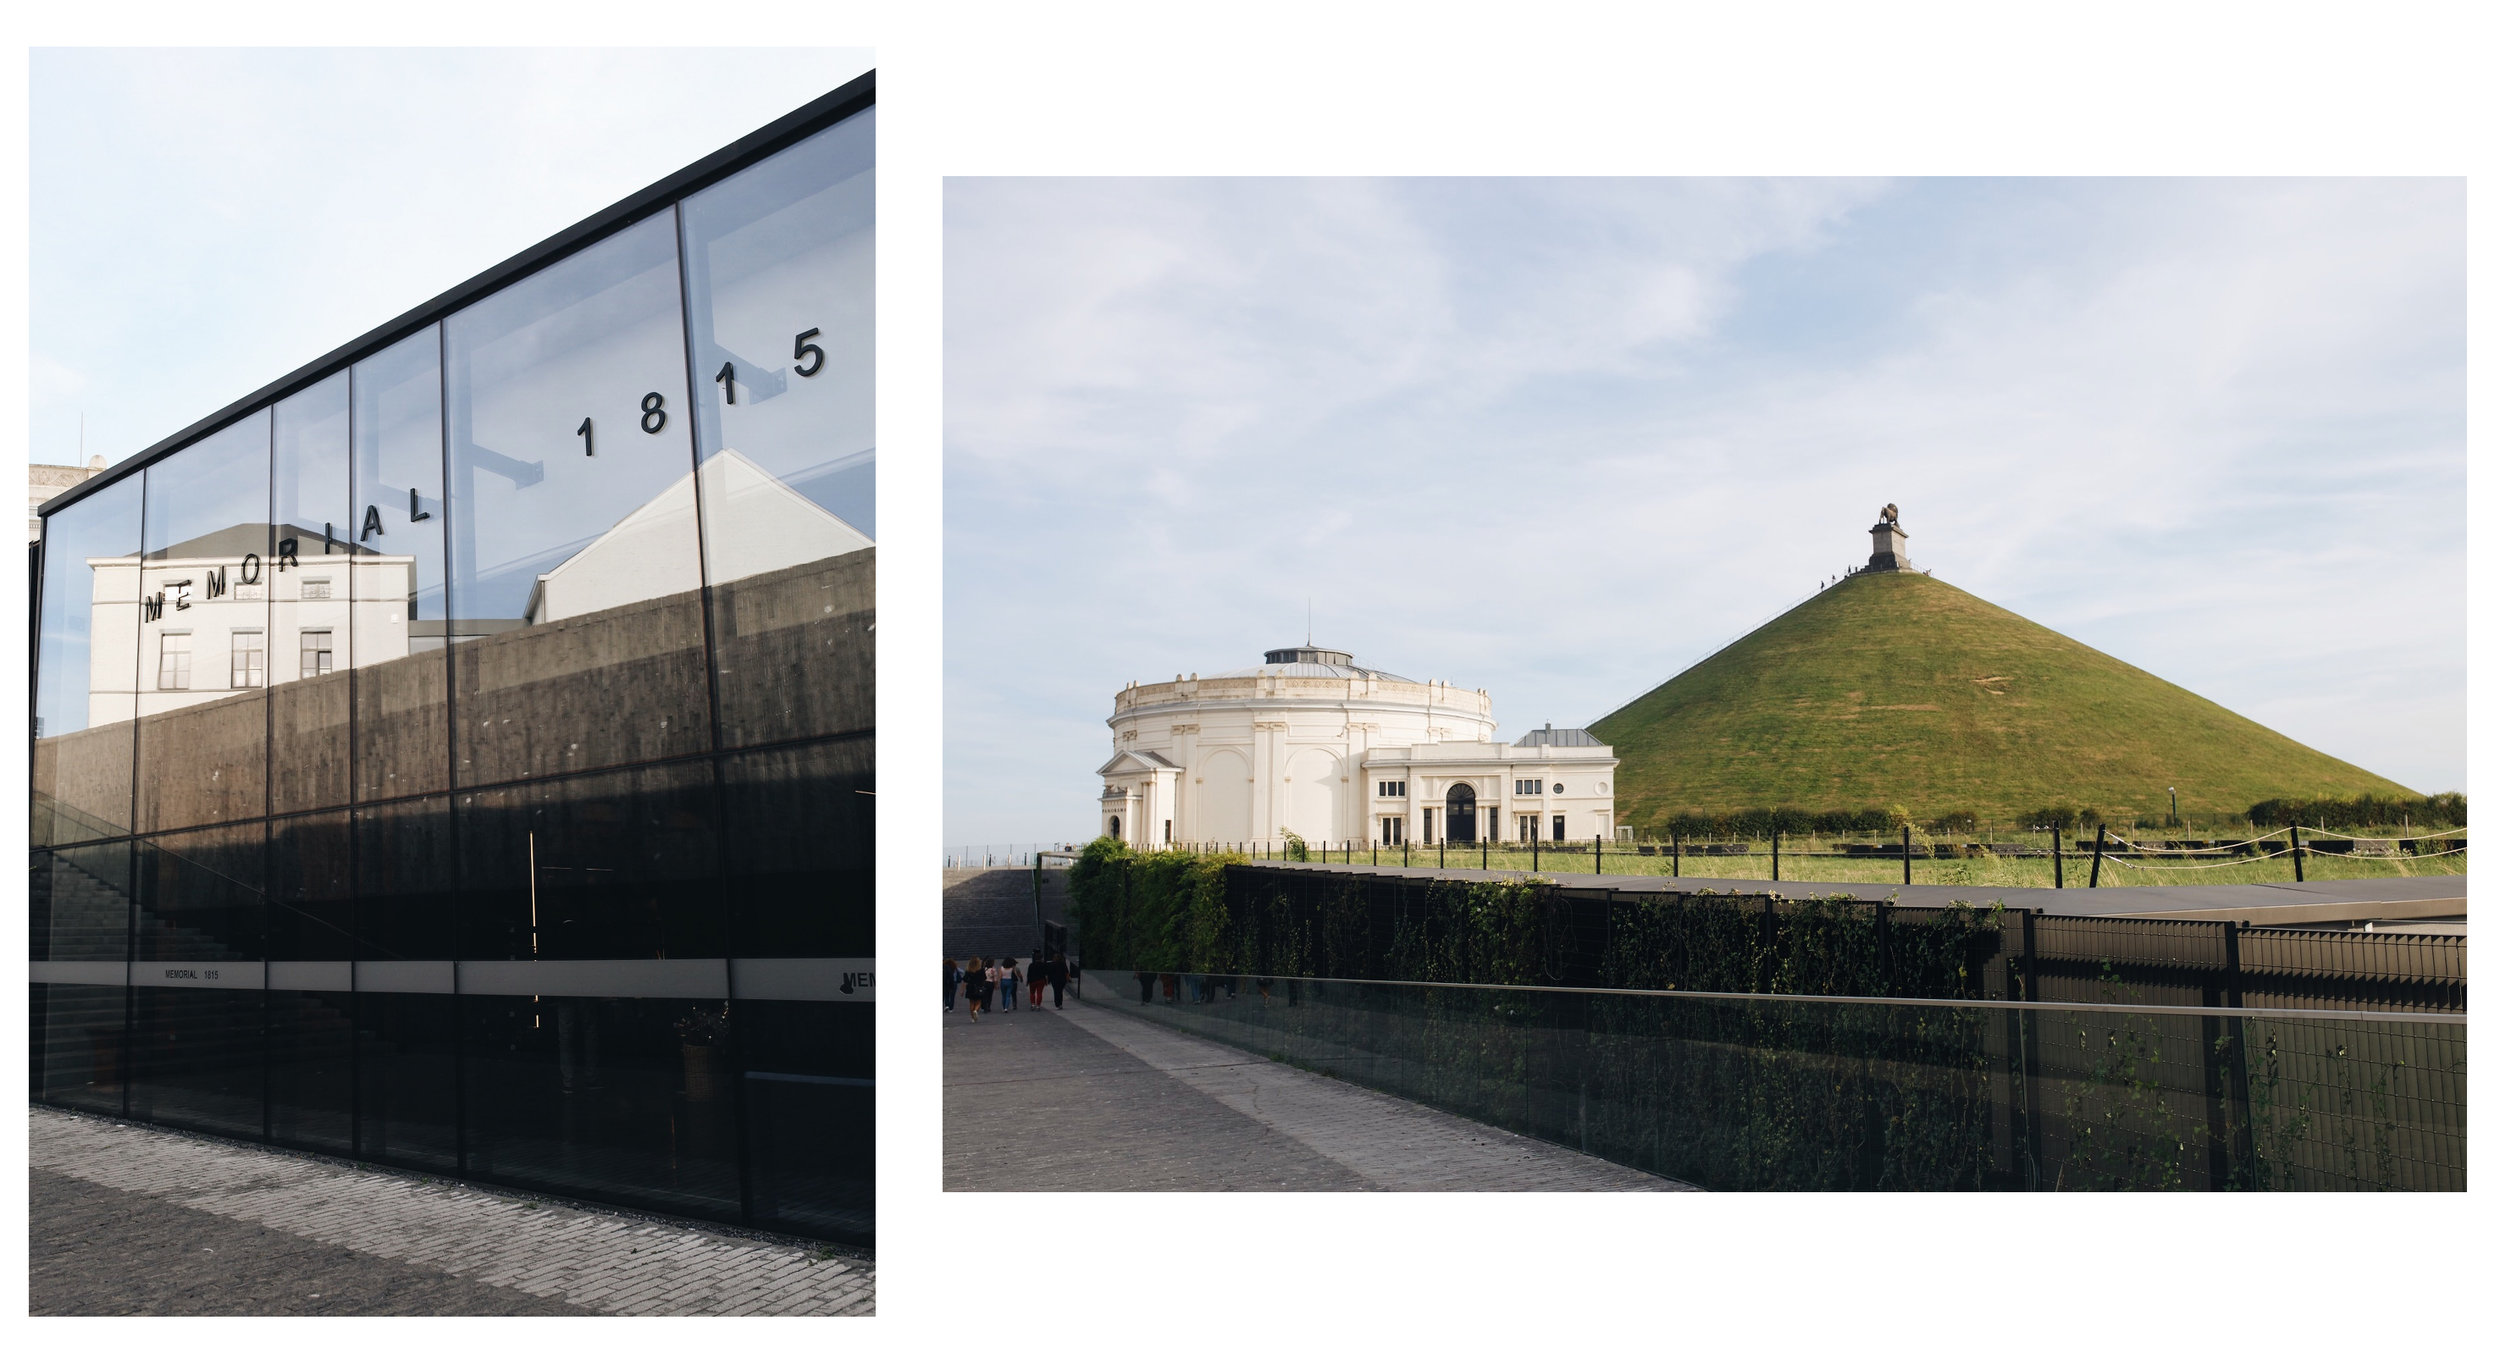 waterloo-memorial-1815-que-voir-belgique.JPG